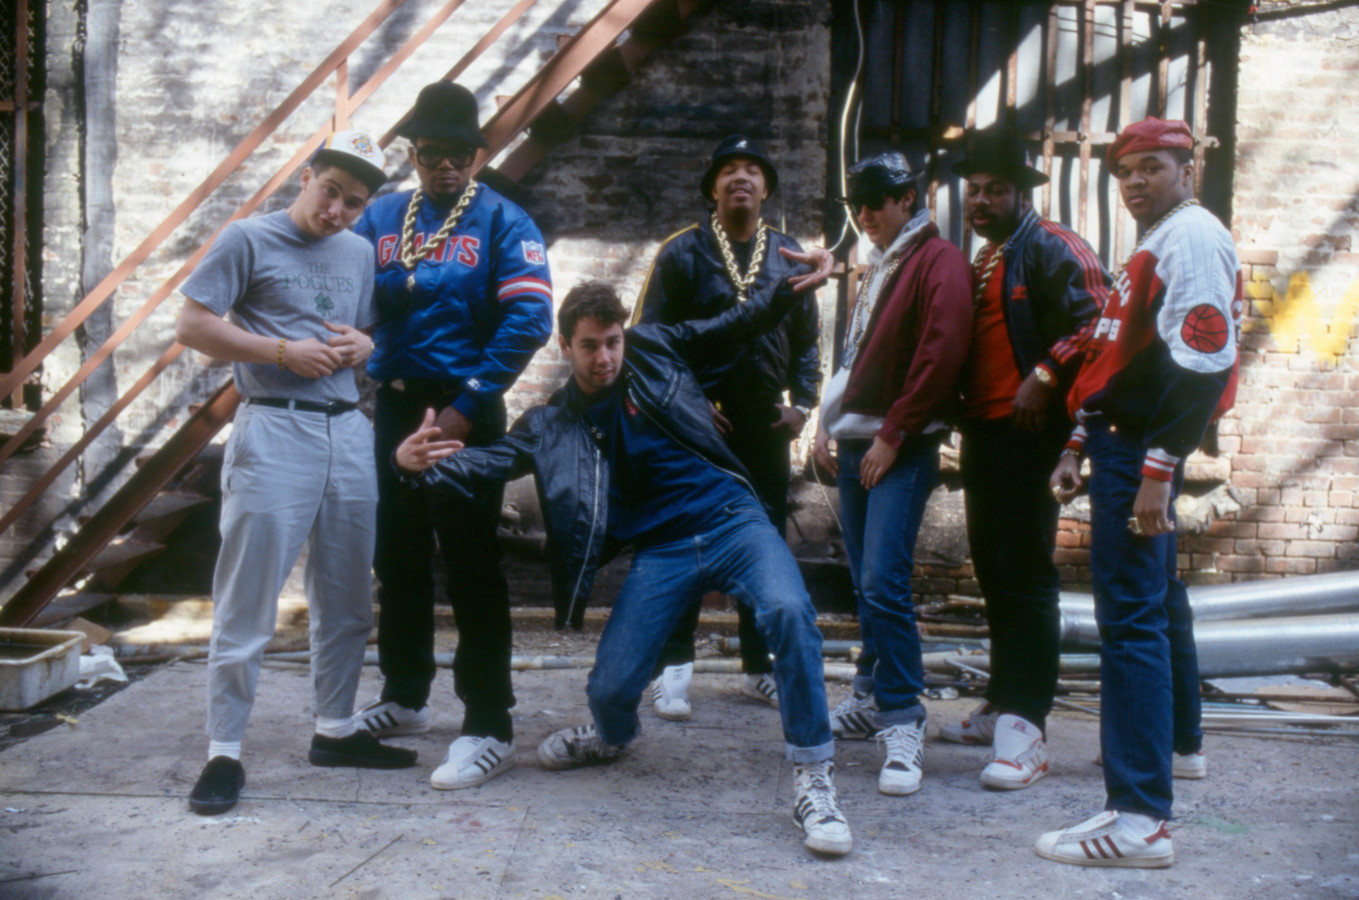 Hiphopgroepen van het eerste uur Run DMC (zonder veters in de Adidas) en Beastie Boys, 1980.